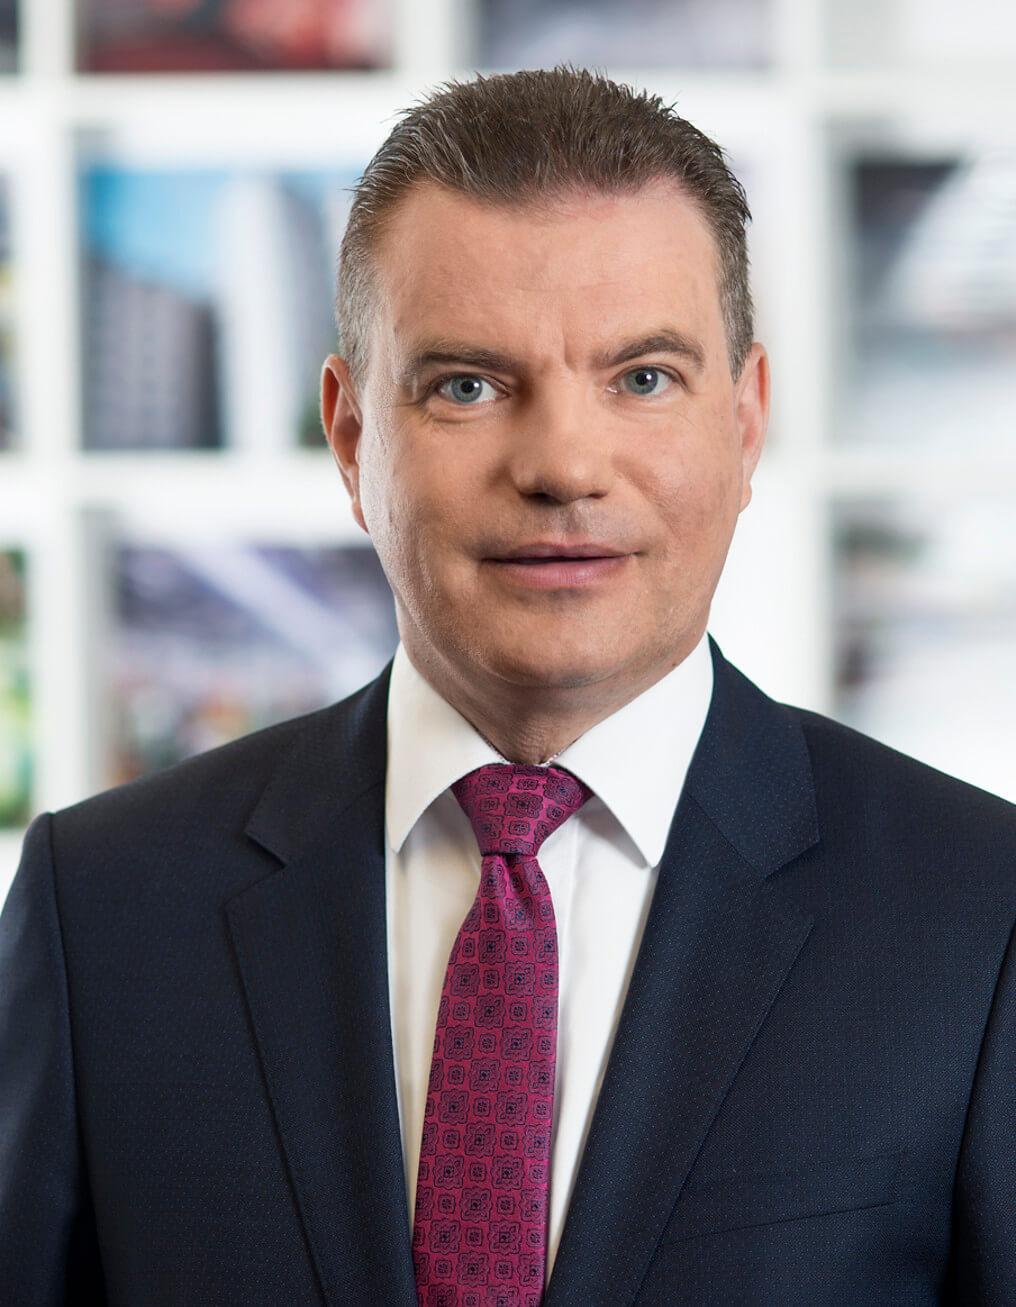 Insolvenzverwaltung Darmstadt Rechtsanwalt Fachanwalt für Insolvenzrecht